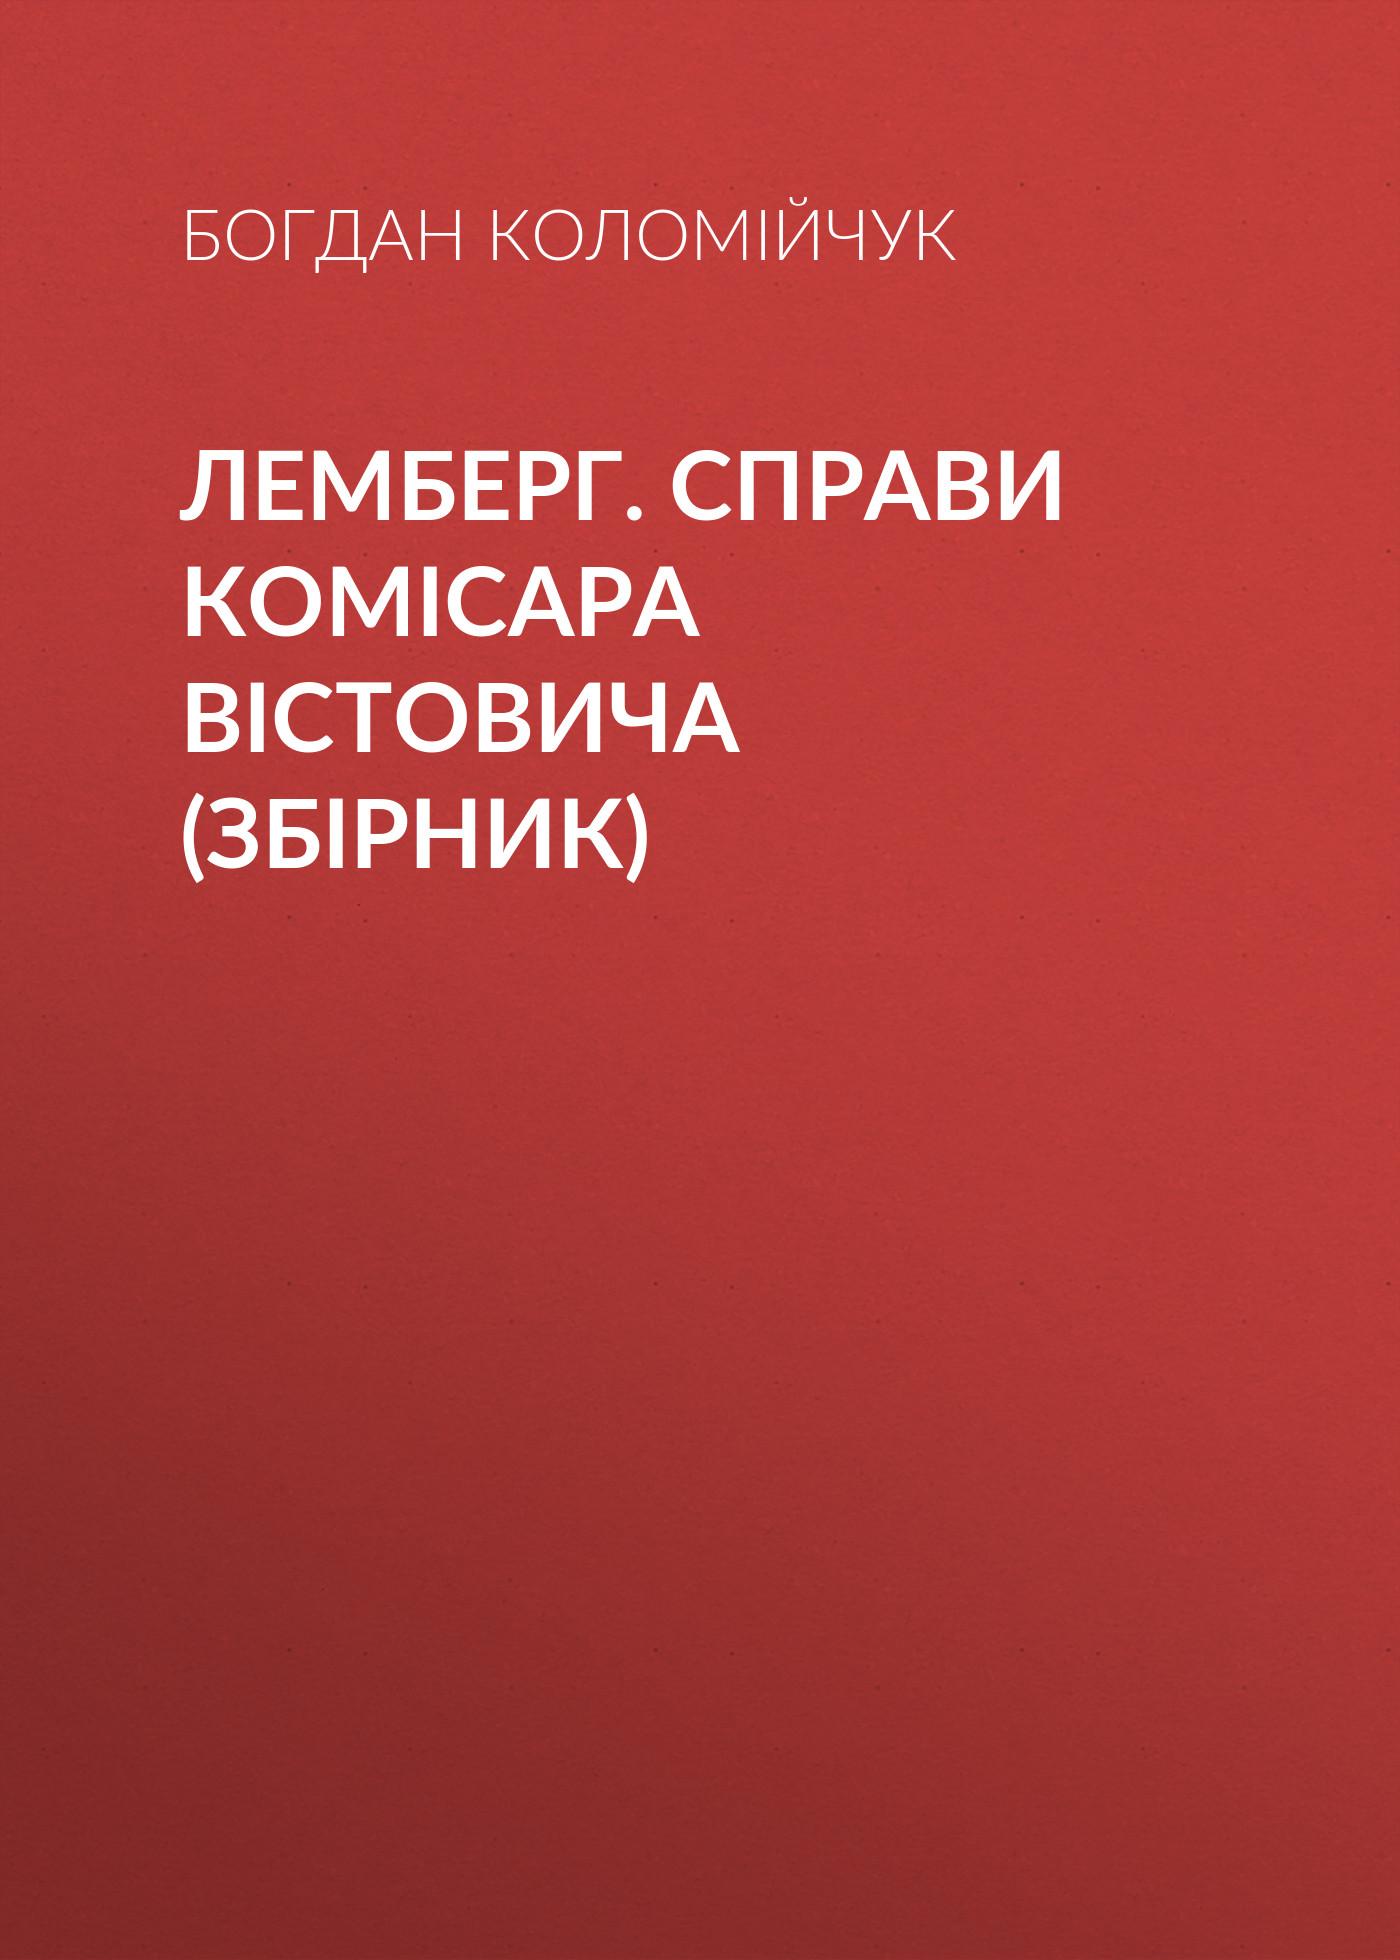 Богдан Коломійчук Лемберг. Справи комісара Вістовича (збірник) богдан коломійчук таємниця єви